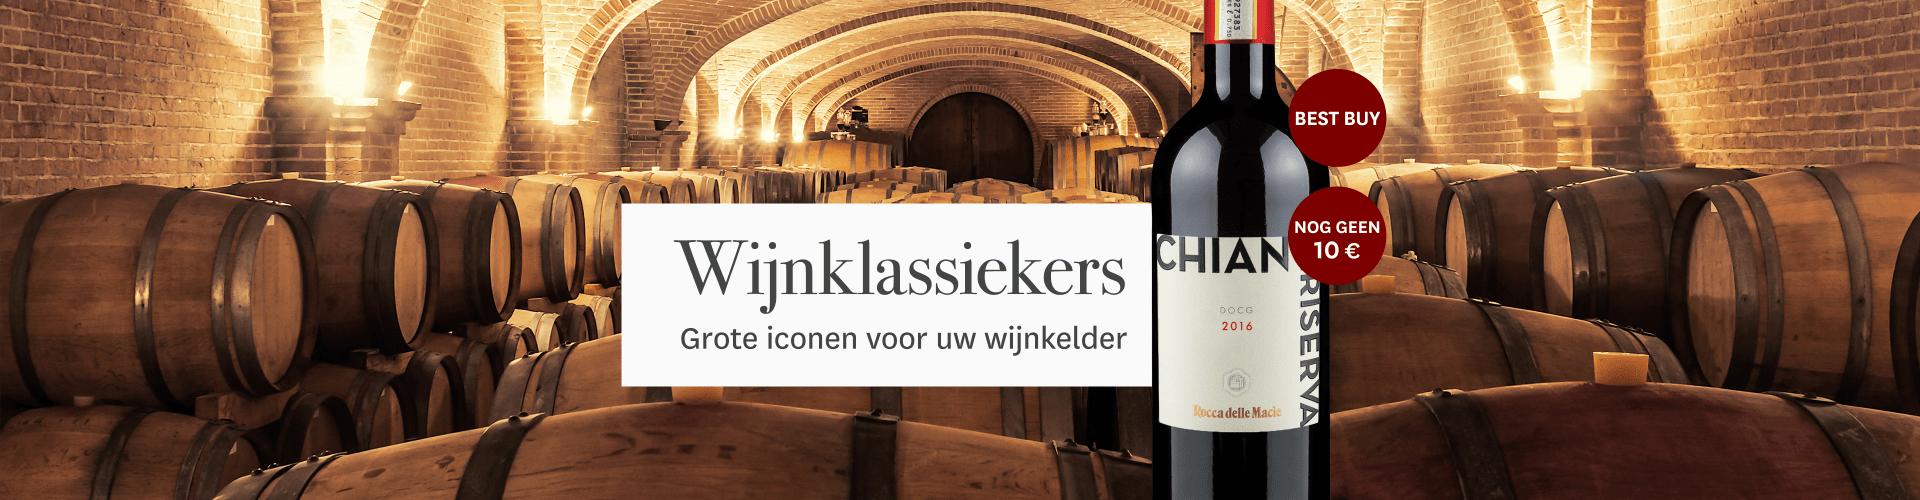 Actuele wijnklassieker met op de achtergrond houten vaten in een wijnkelder